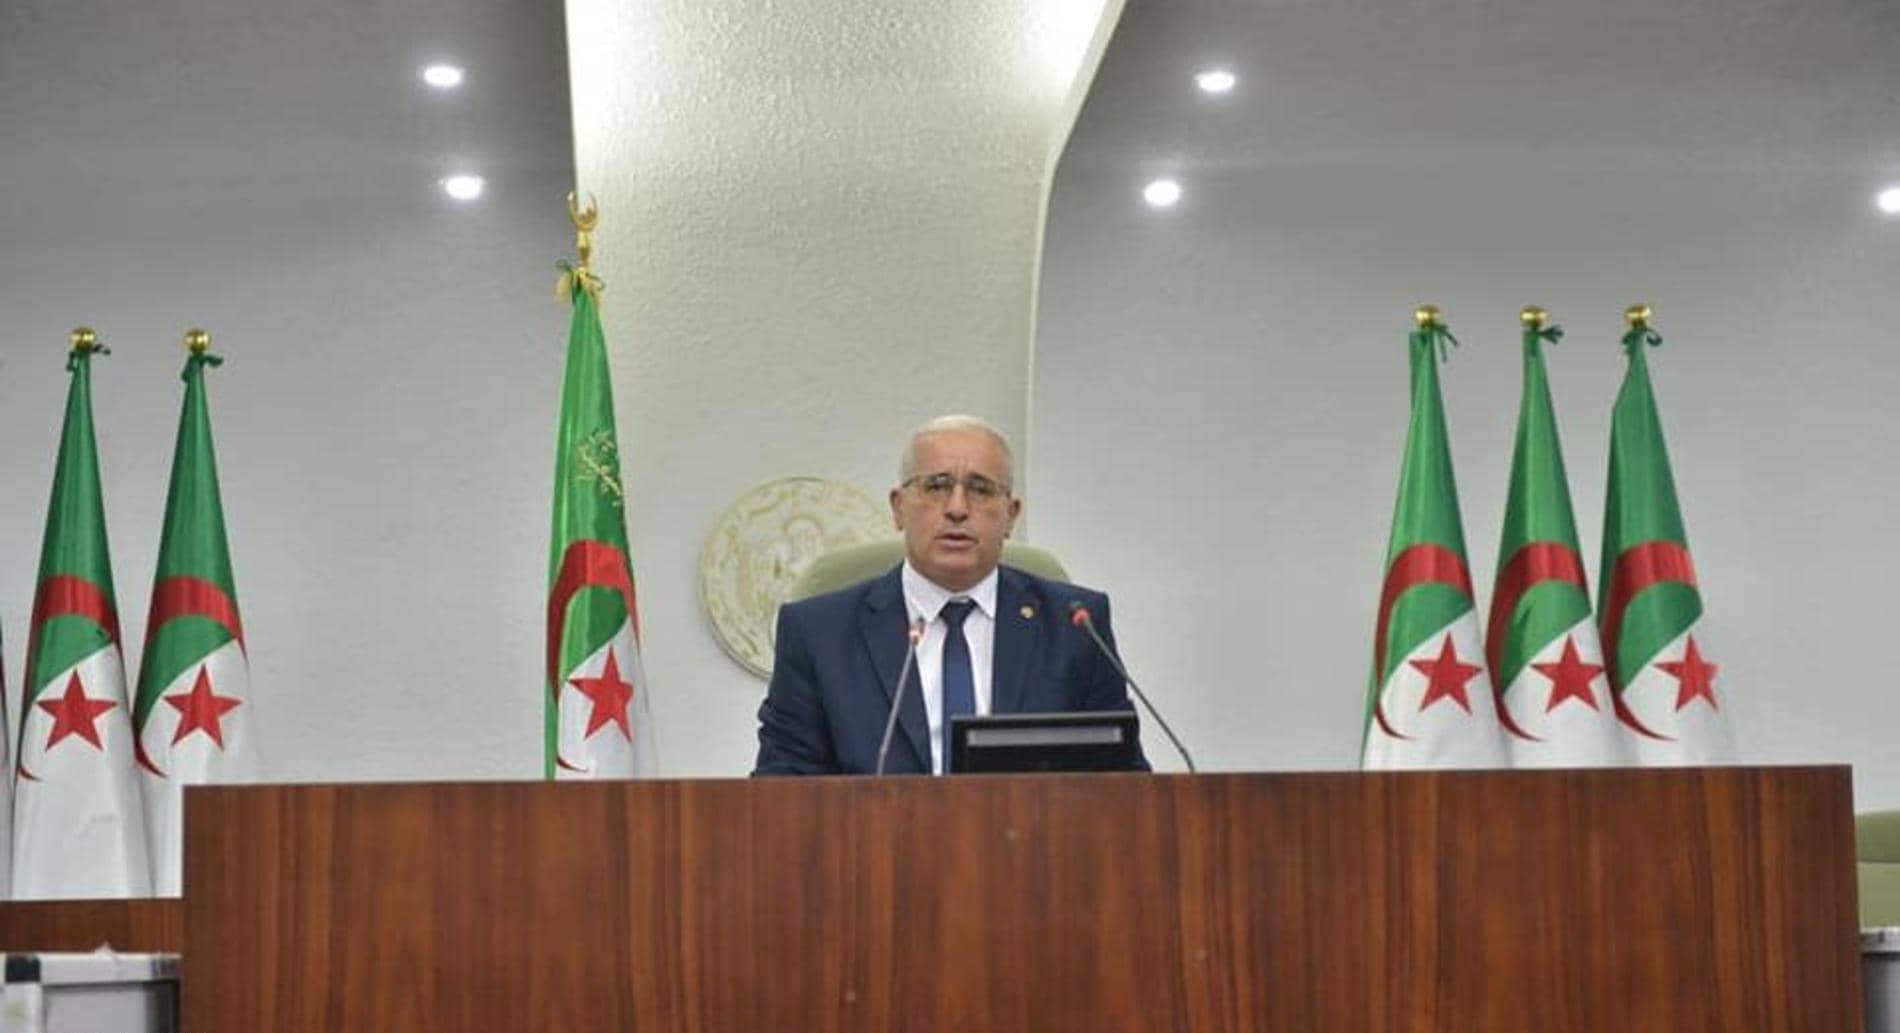 الأمين العام يهنئ رئيس المجلس الشعبي الجزائري